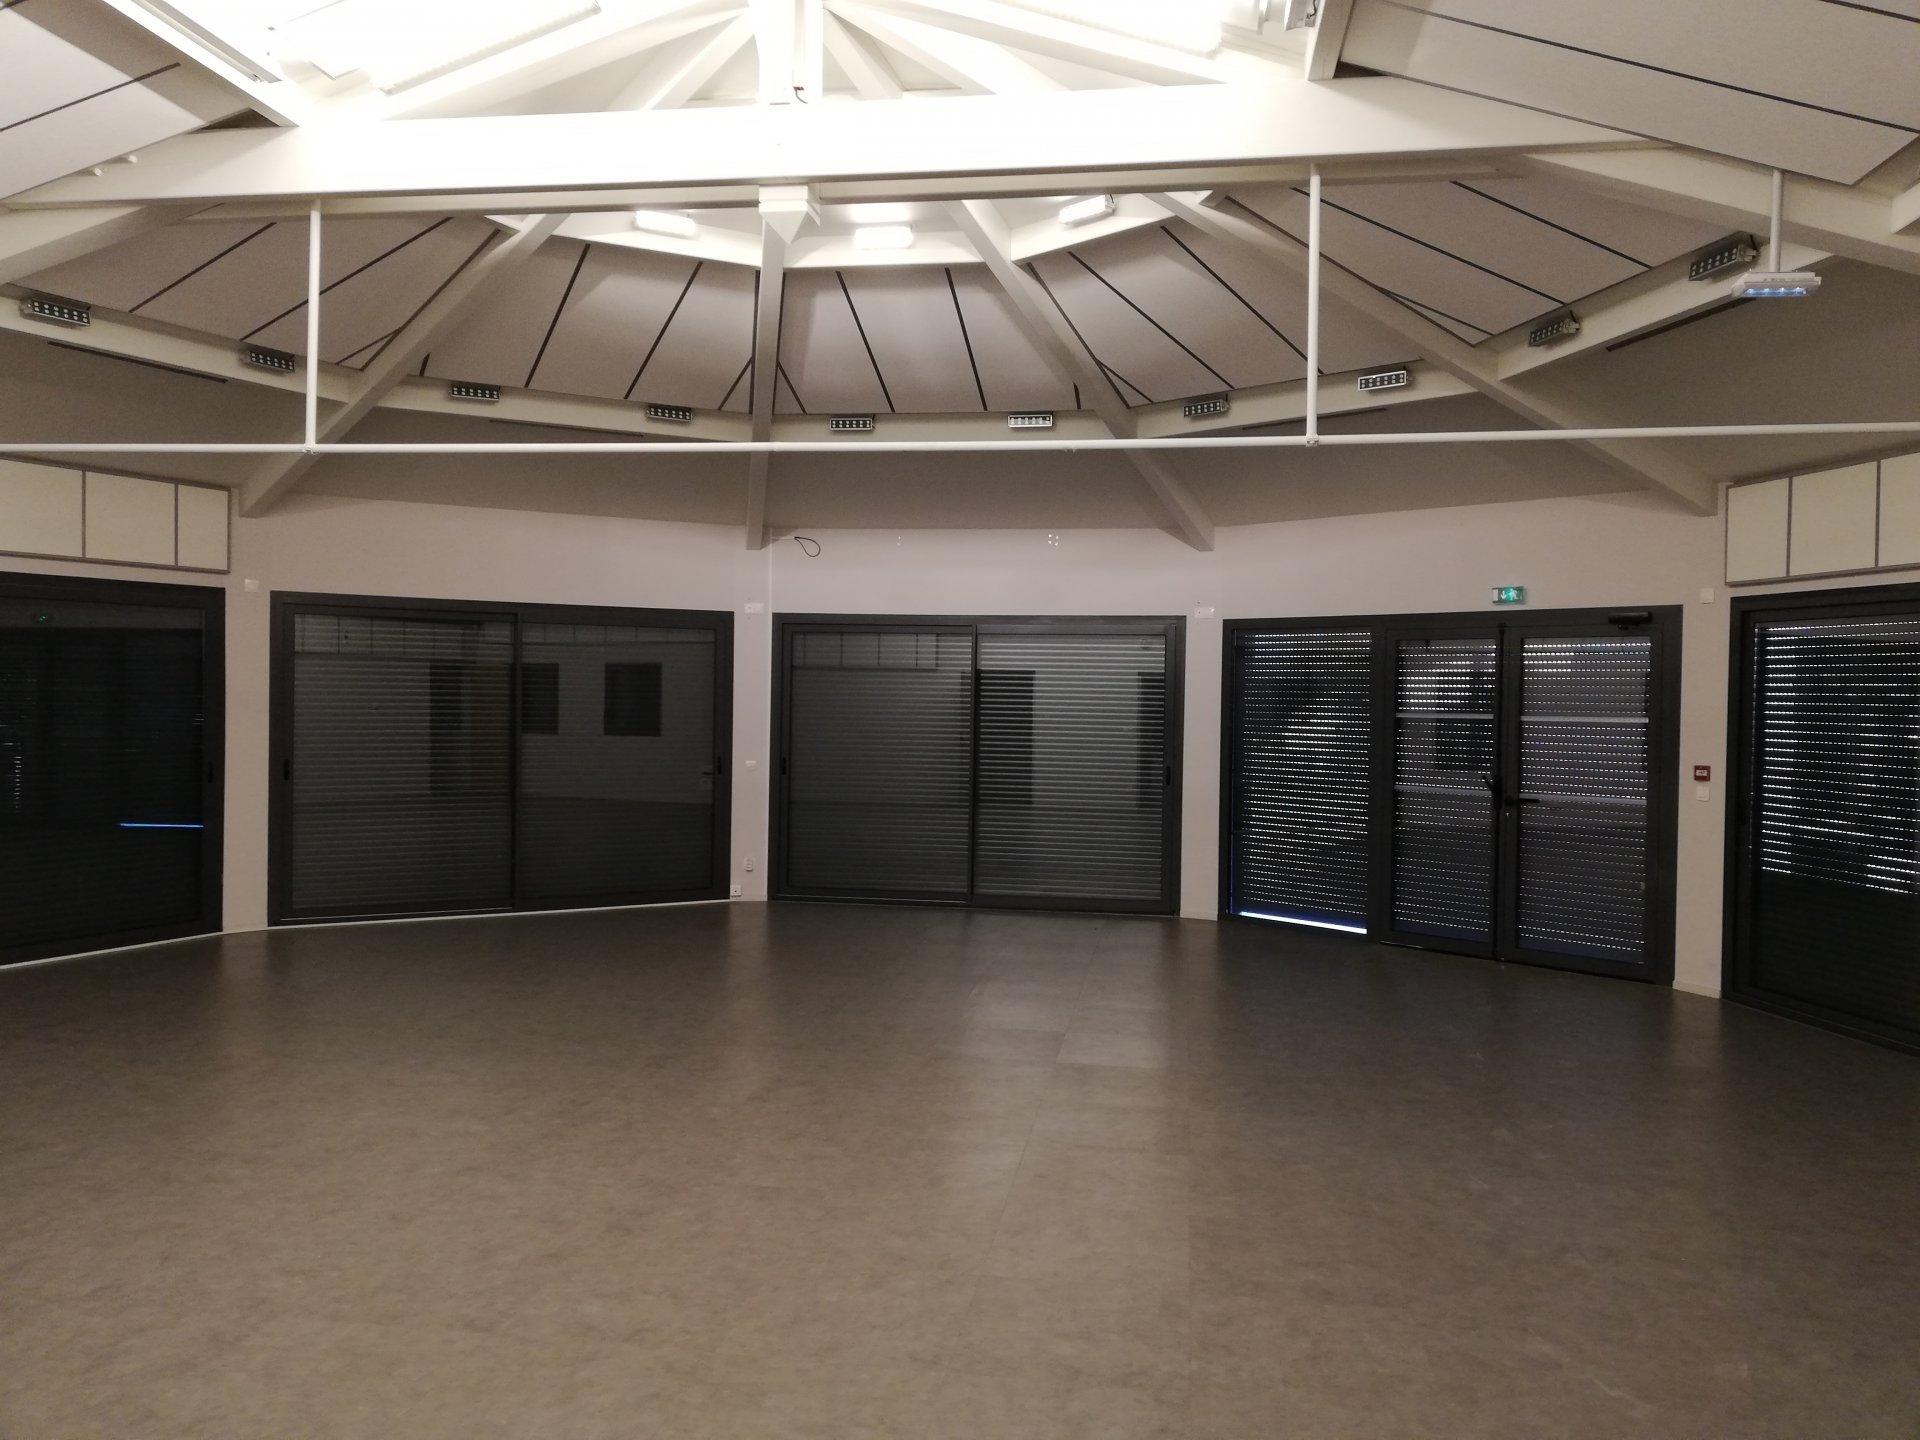 Saint Galmier  à louer  surface de bureau 108 m²